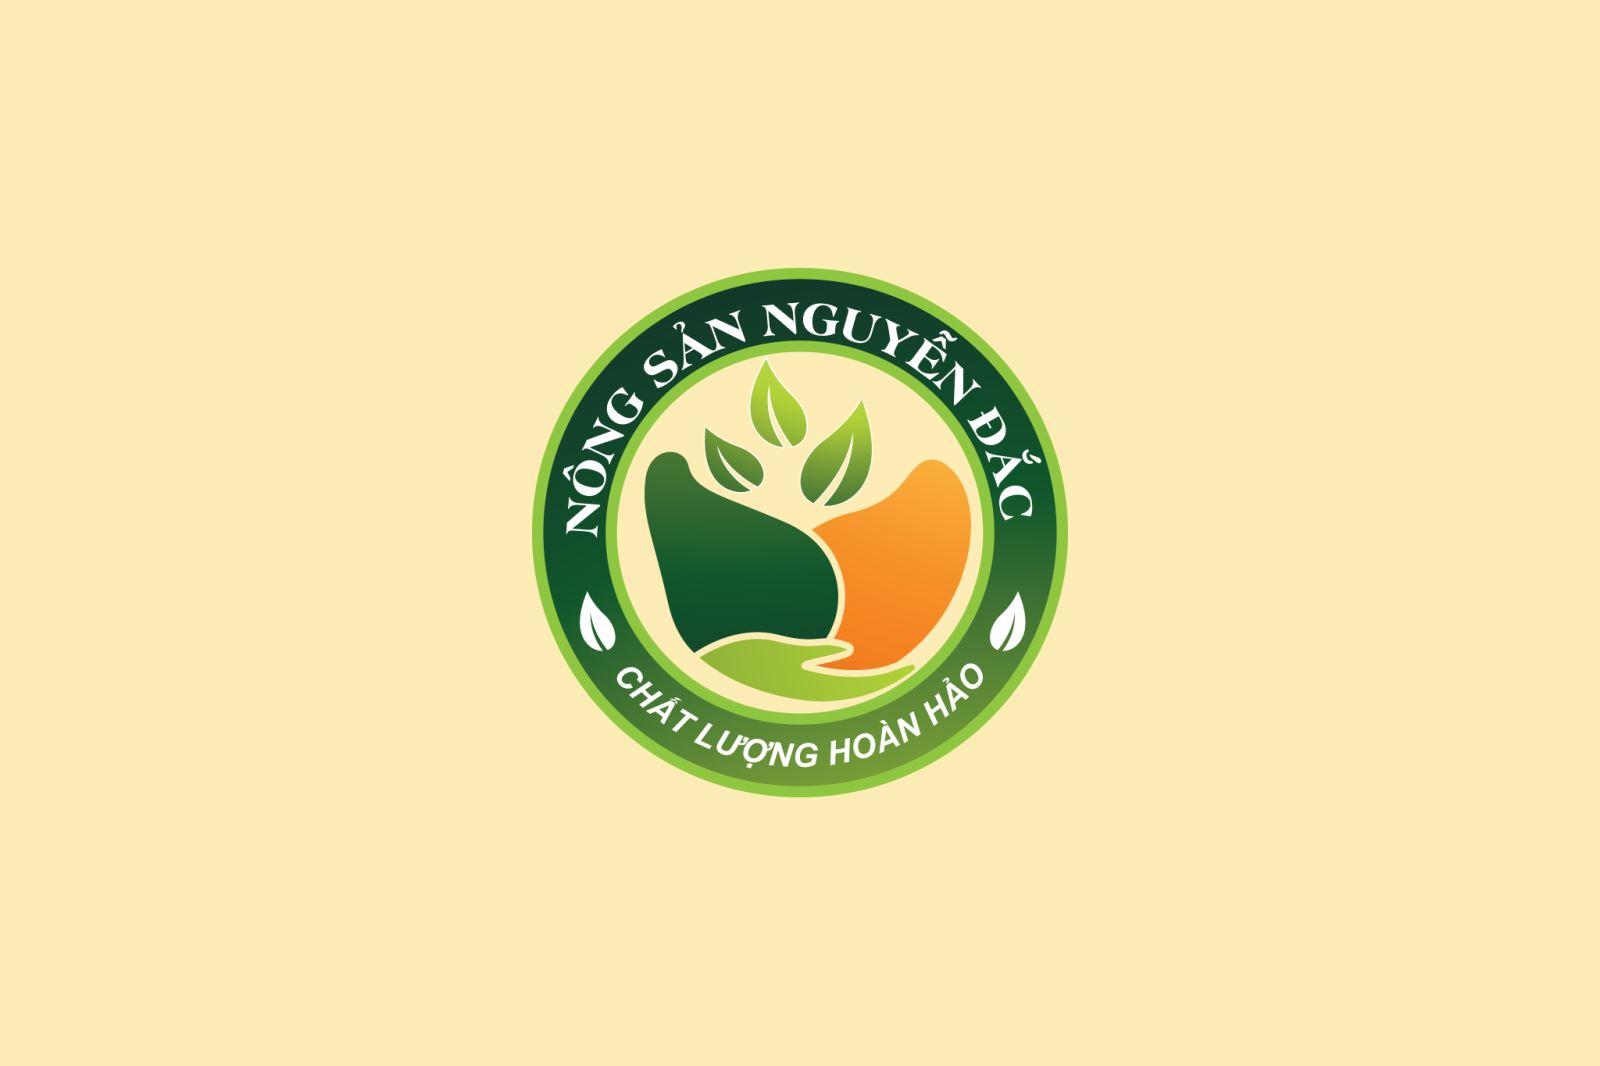 logo-hinh-tron-bee-art-15